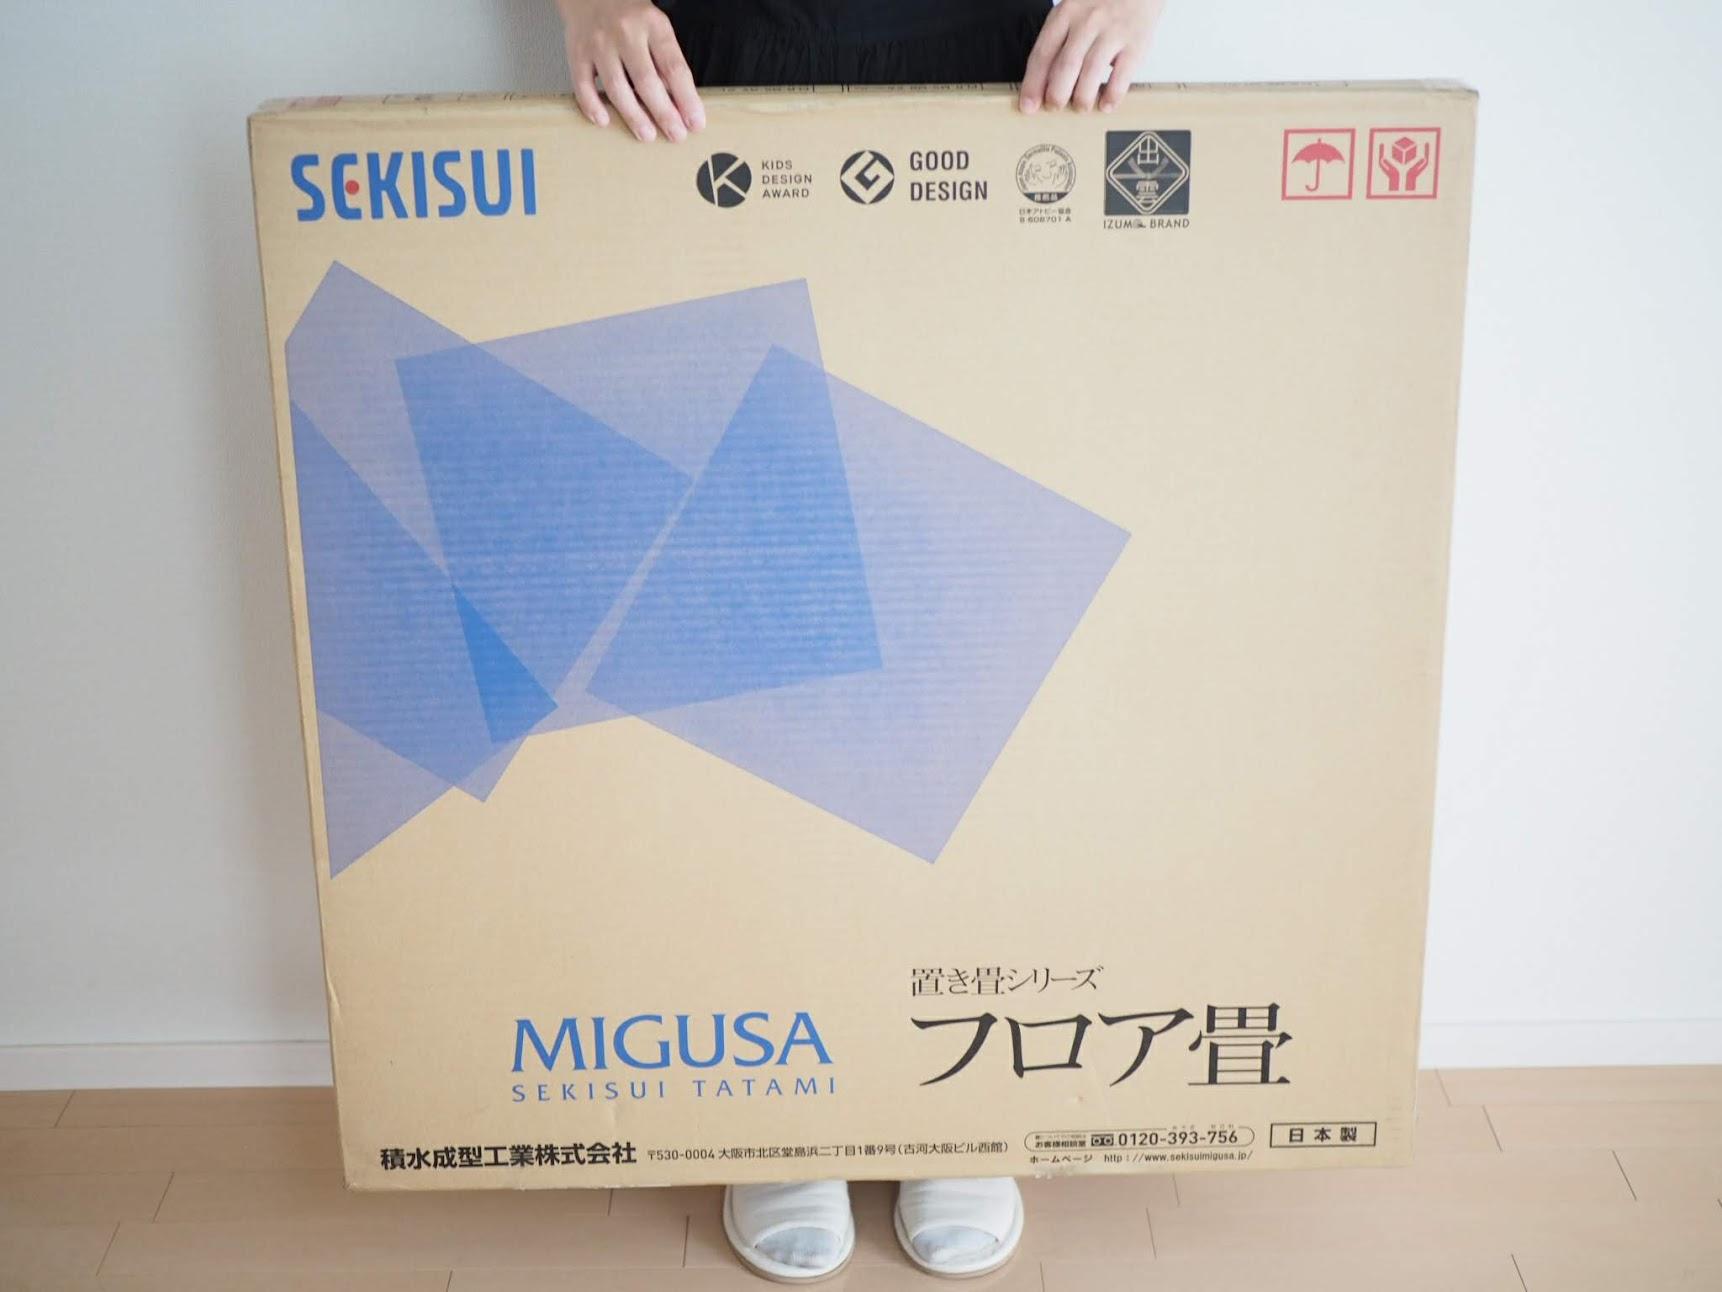 MIGUSAのパッケージ